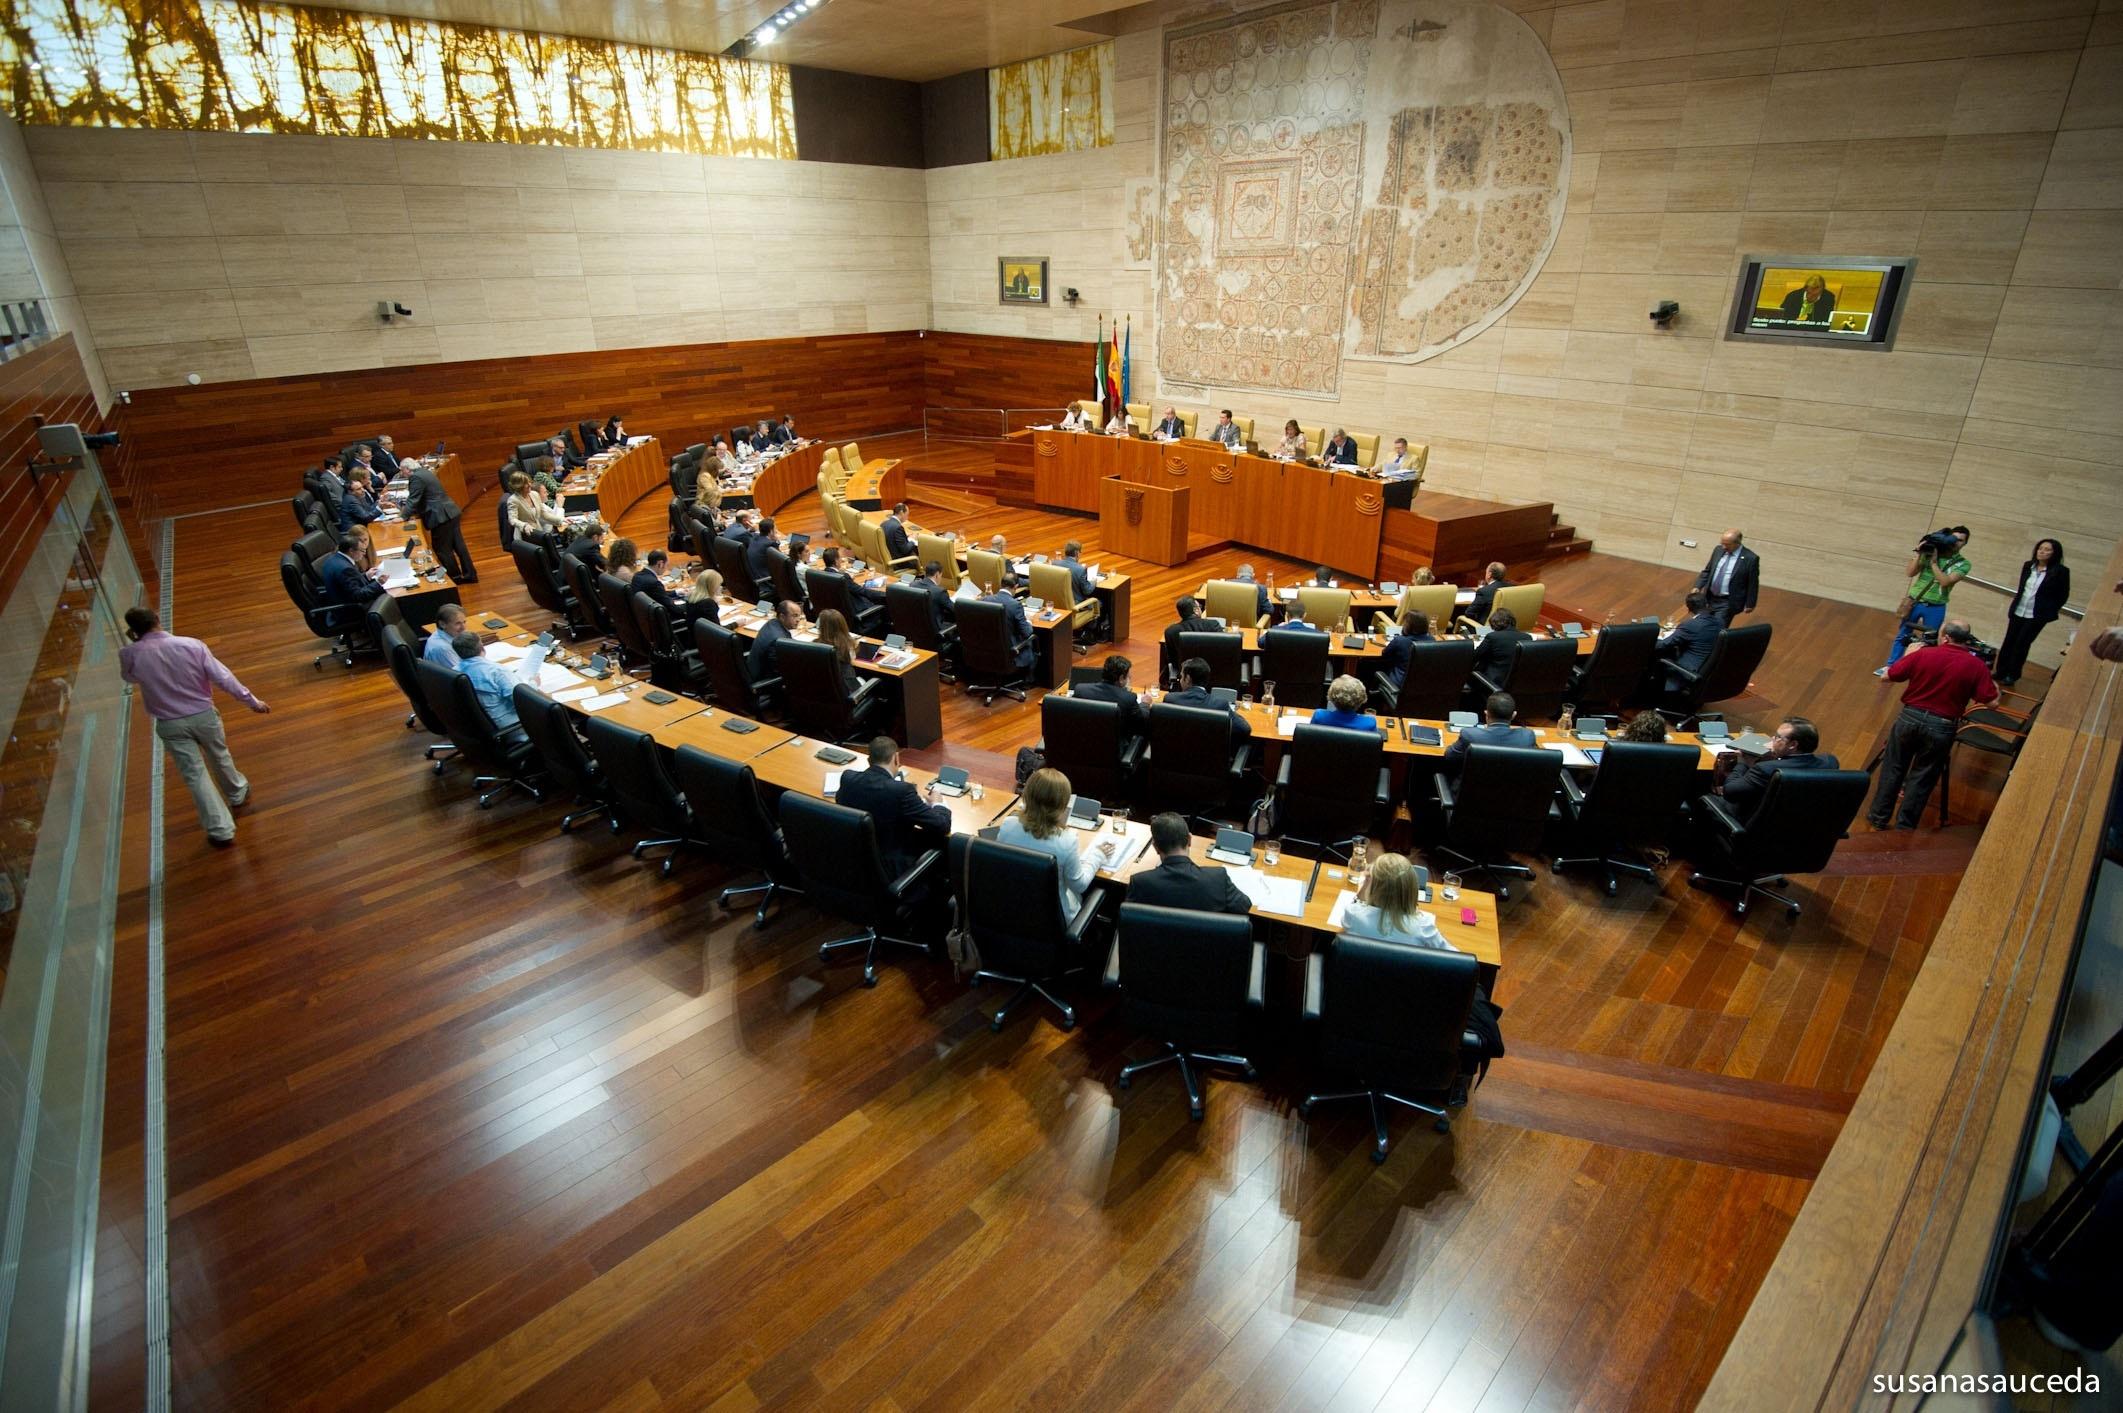 Aprobado con el voto favorable de la oposición la solicitud de una comisión de investigación sobre el fútbol extremeño